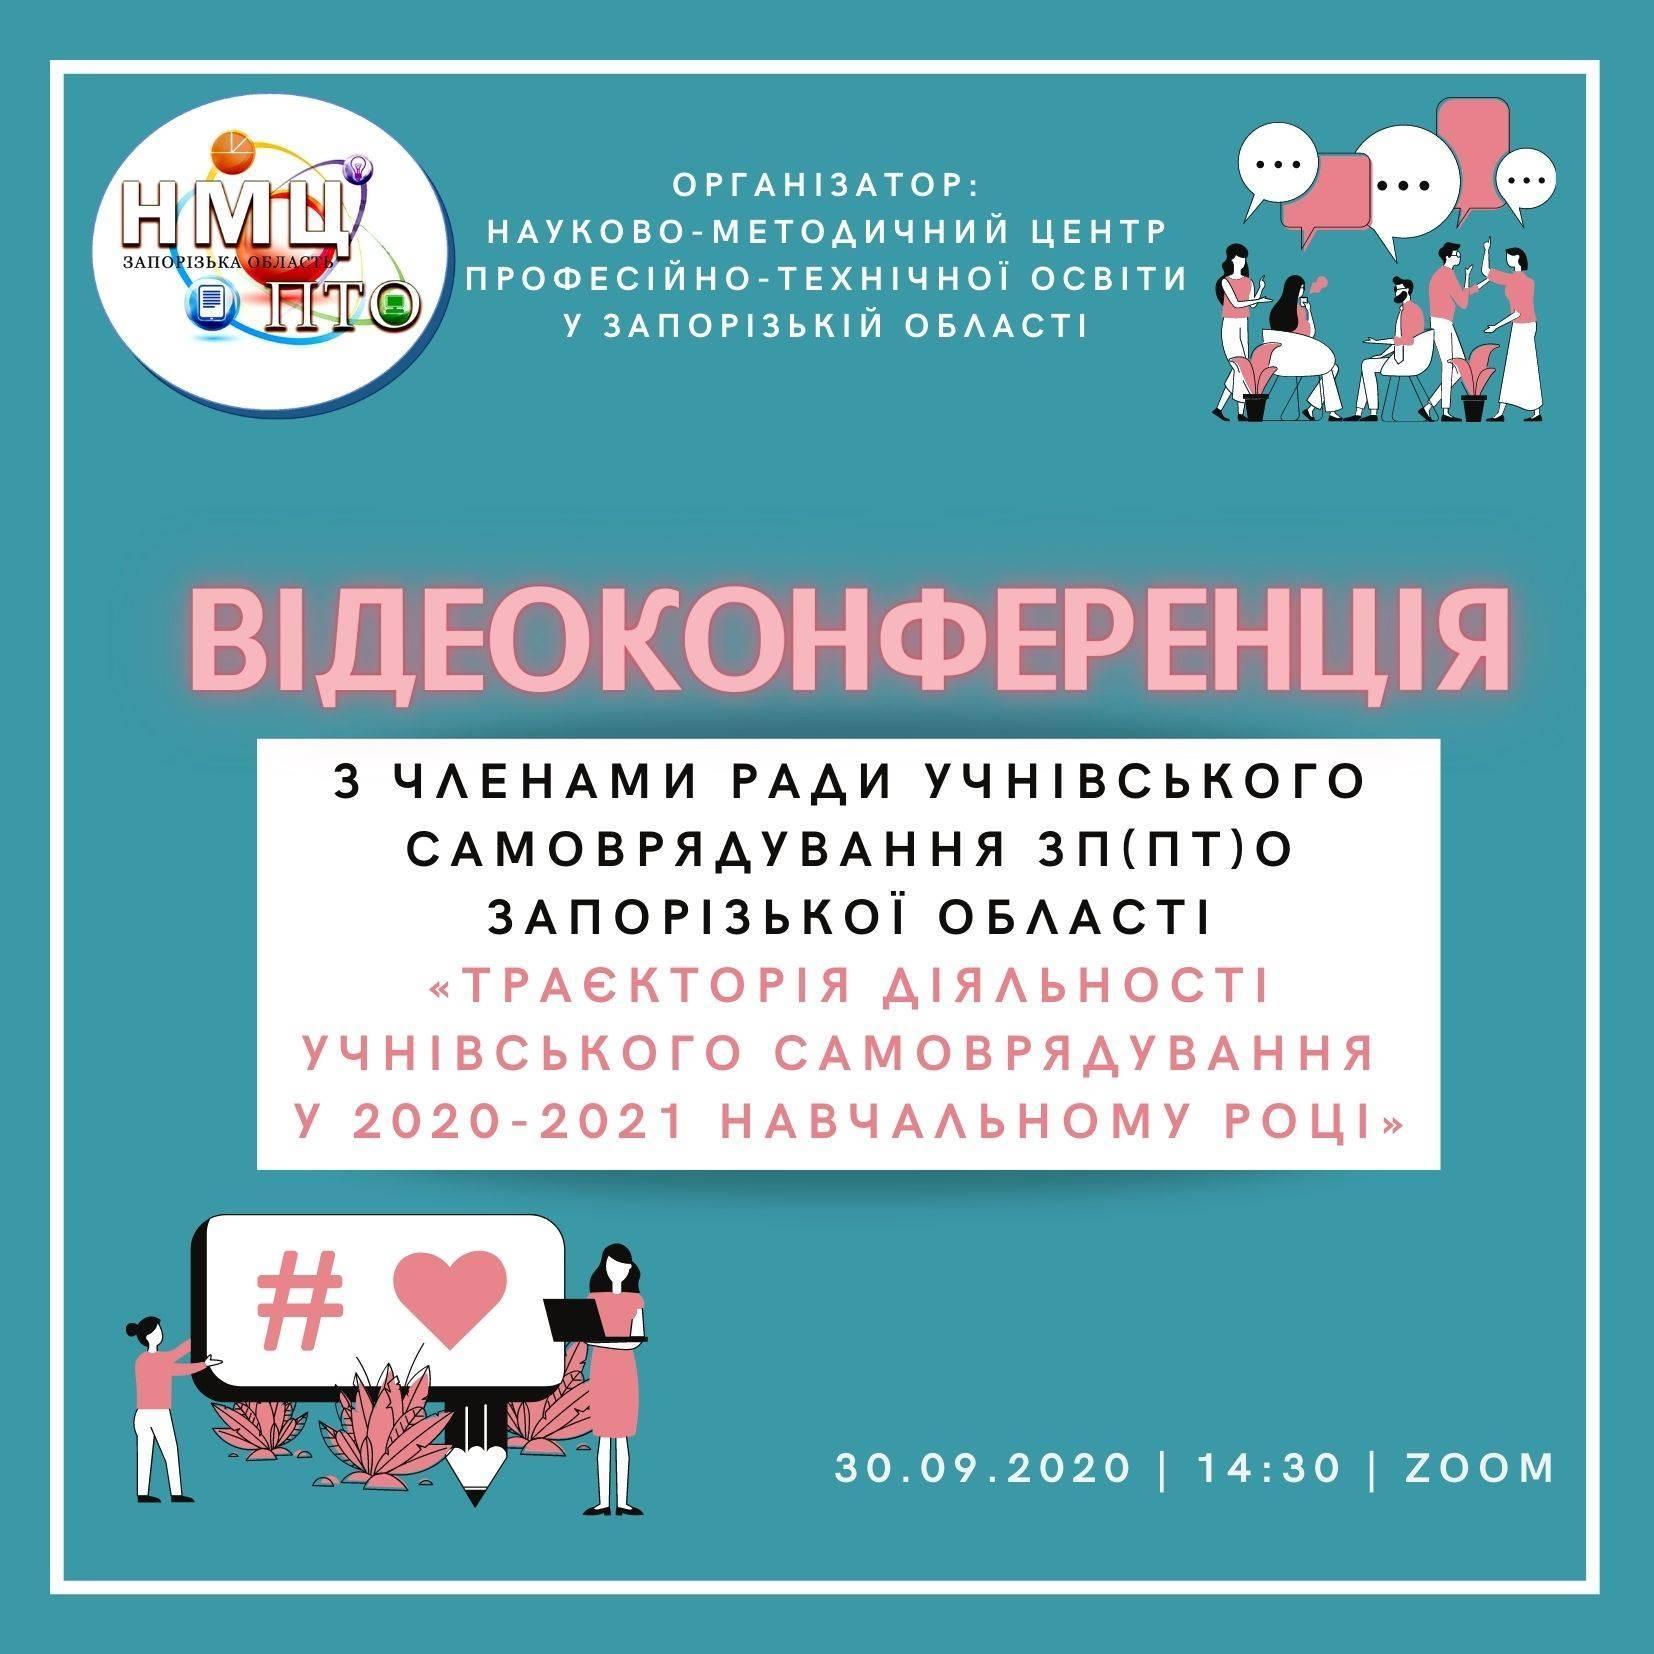 Обласна відеоконференція з членами ради учнівського самоврядування ЗП(ПТ)О Запорізької області